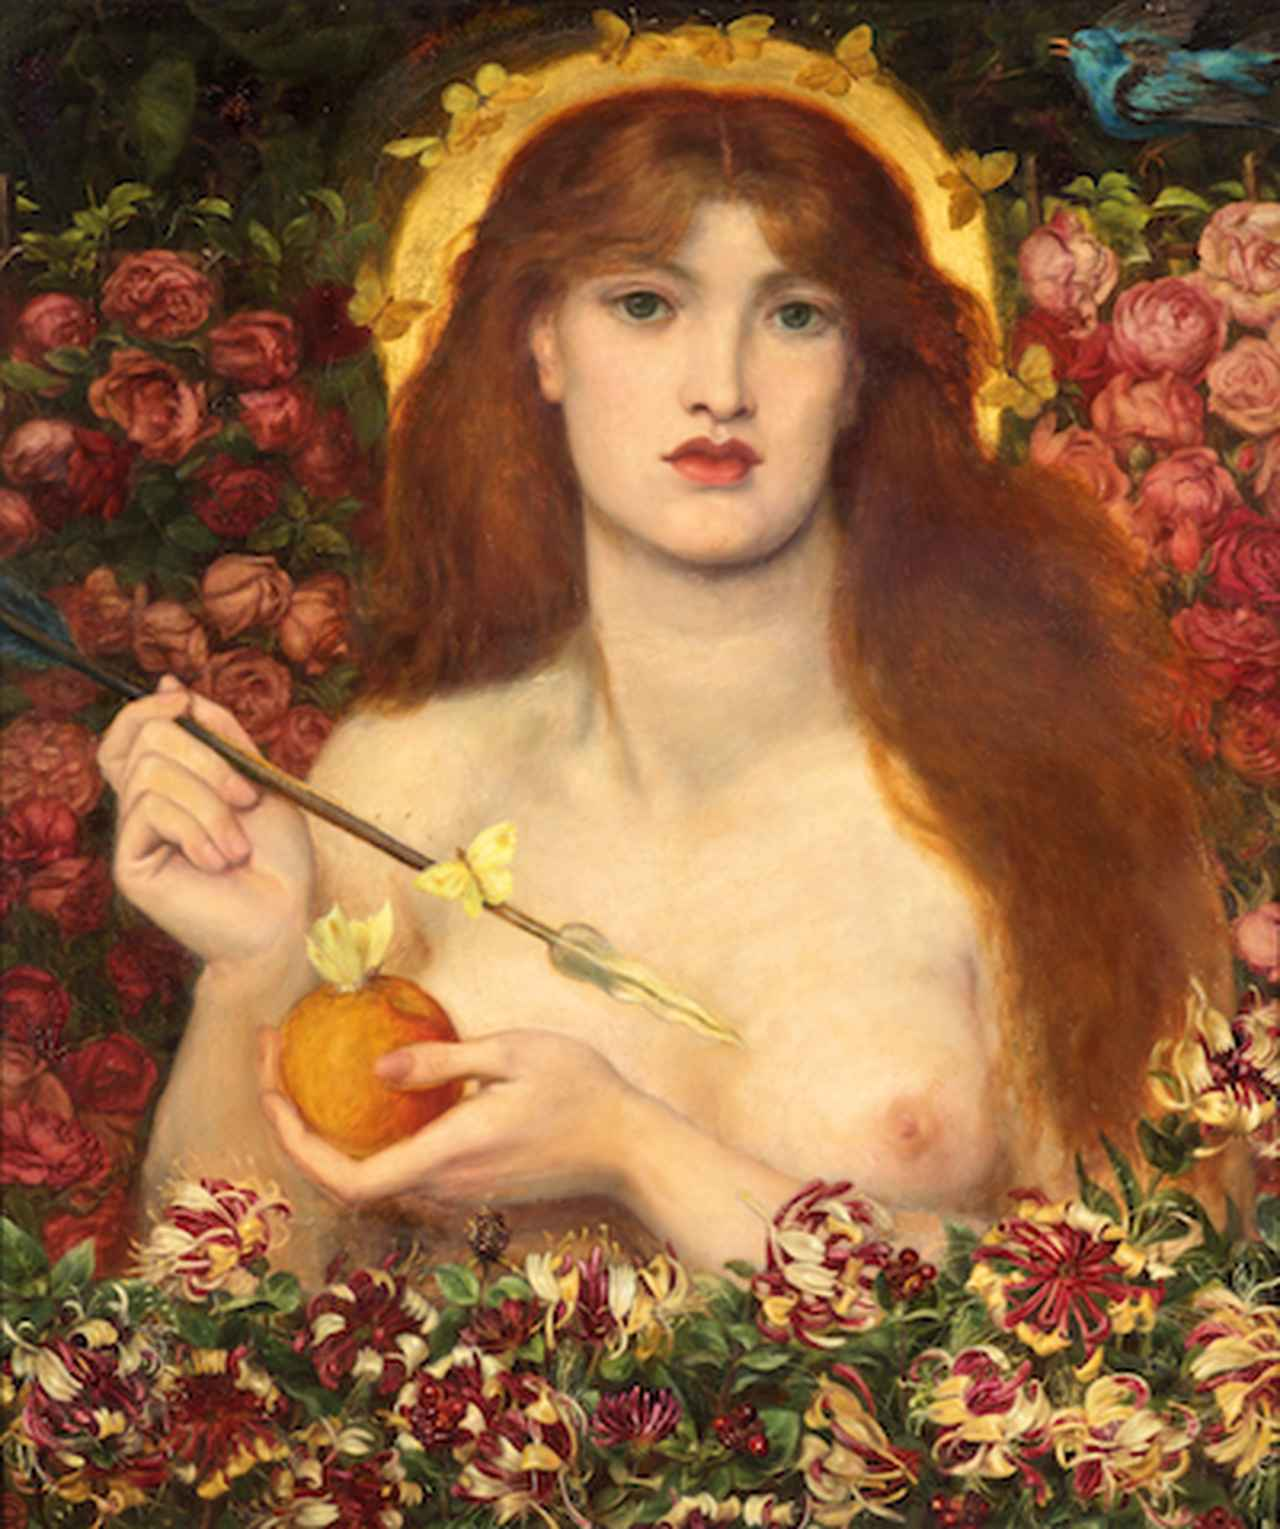 画像: ダンテ・ゲイブリエル・ロセッティ《ウェヌス・ウェルティコルディア(魔性のヴィーナス)》1863-68年頃、油彩/カンヴァス、83.8×71.2 cm、ラッセル=コーツ美術館 ©Russell-Cotes Art Gallery & Museum, Bournemouth